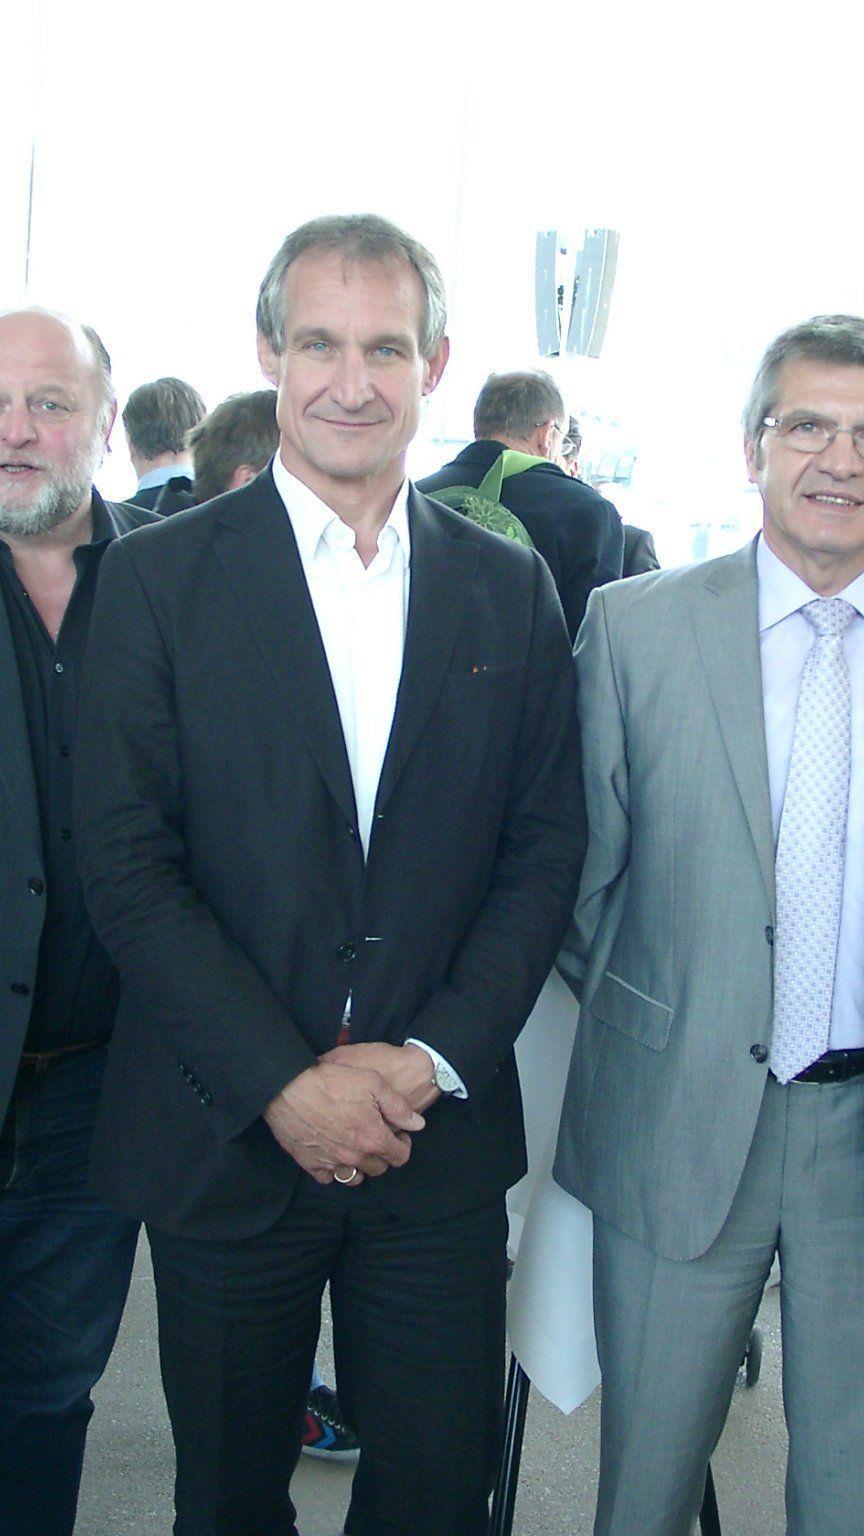 Viel Prominenz bei der Auslosung zur U-18-Handball Europameisterschaft in Bregenz.